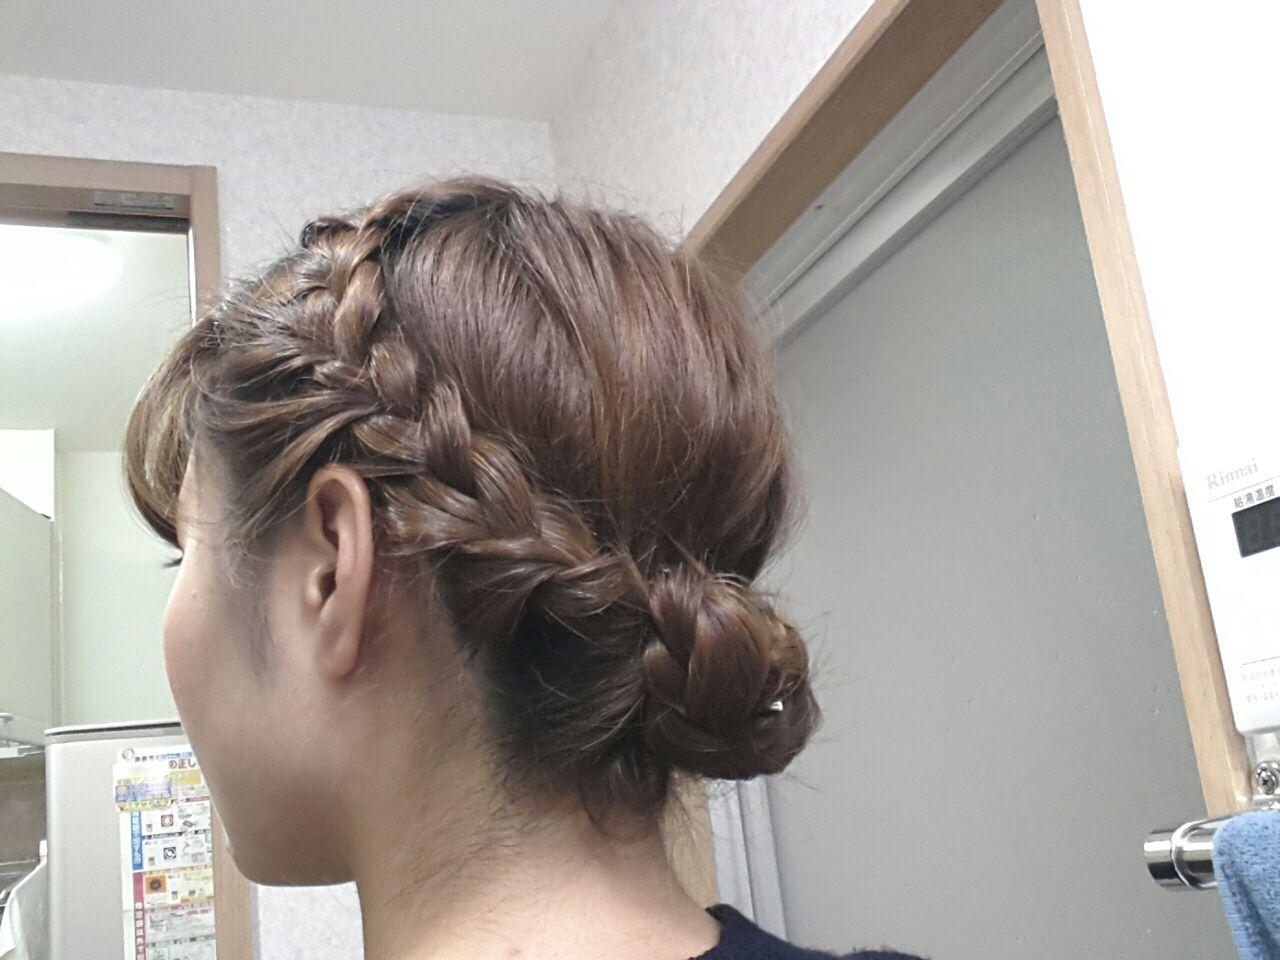 自分で作れる編み込みアップスタイル!ワンランク上の髪型を作る方法のサムネイル画像